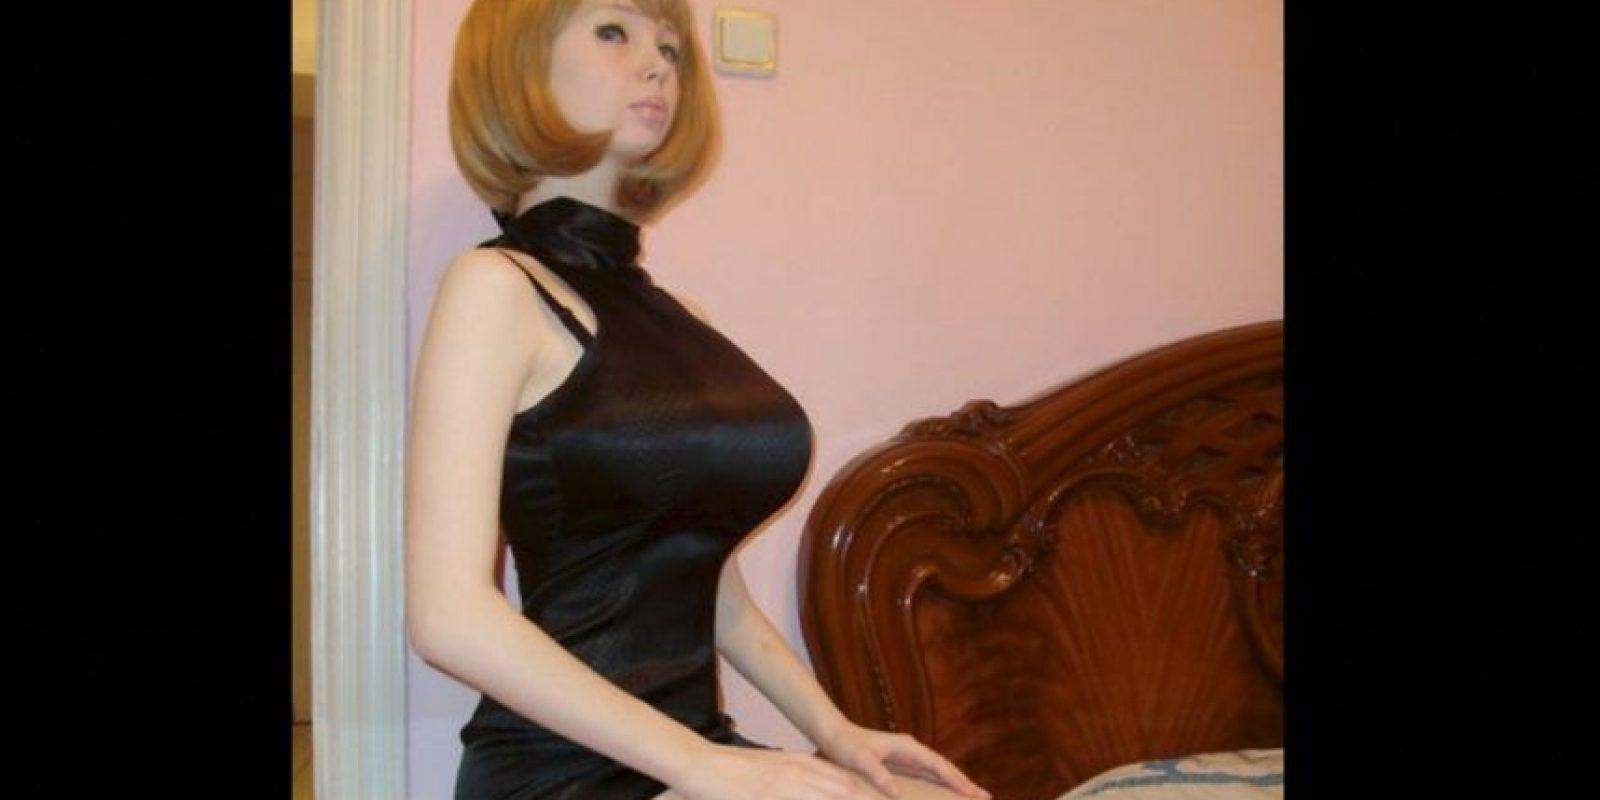 """Esta joven rusa se sometió a diferentes operaciones para completar su look como una """"Barbie"""" humana, en sus fotos se puede ver el trabajo que hace con el maquillaje y vestuario para simular las tantas facetas de la muñeca de juguete. Foto:Vía Facebook.com/lolitarichi"""